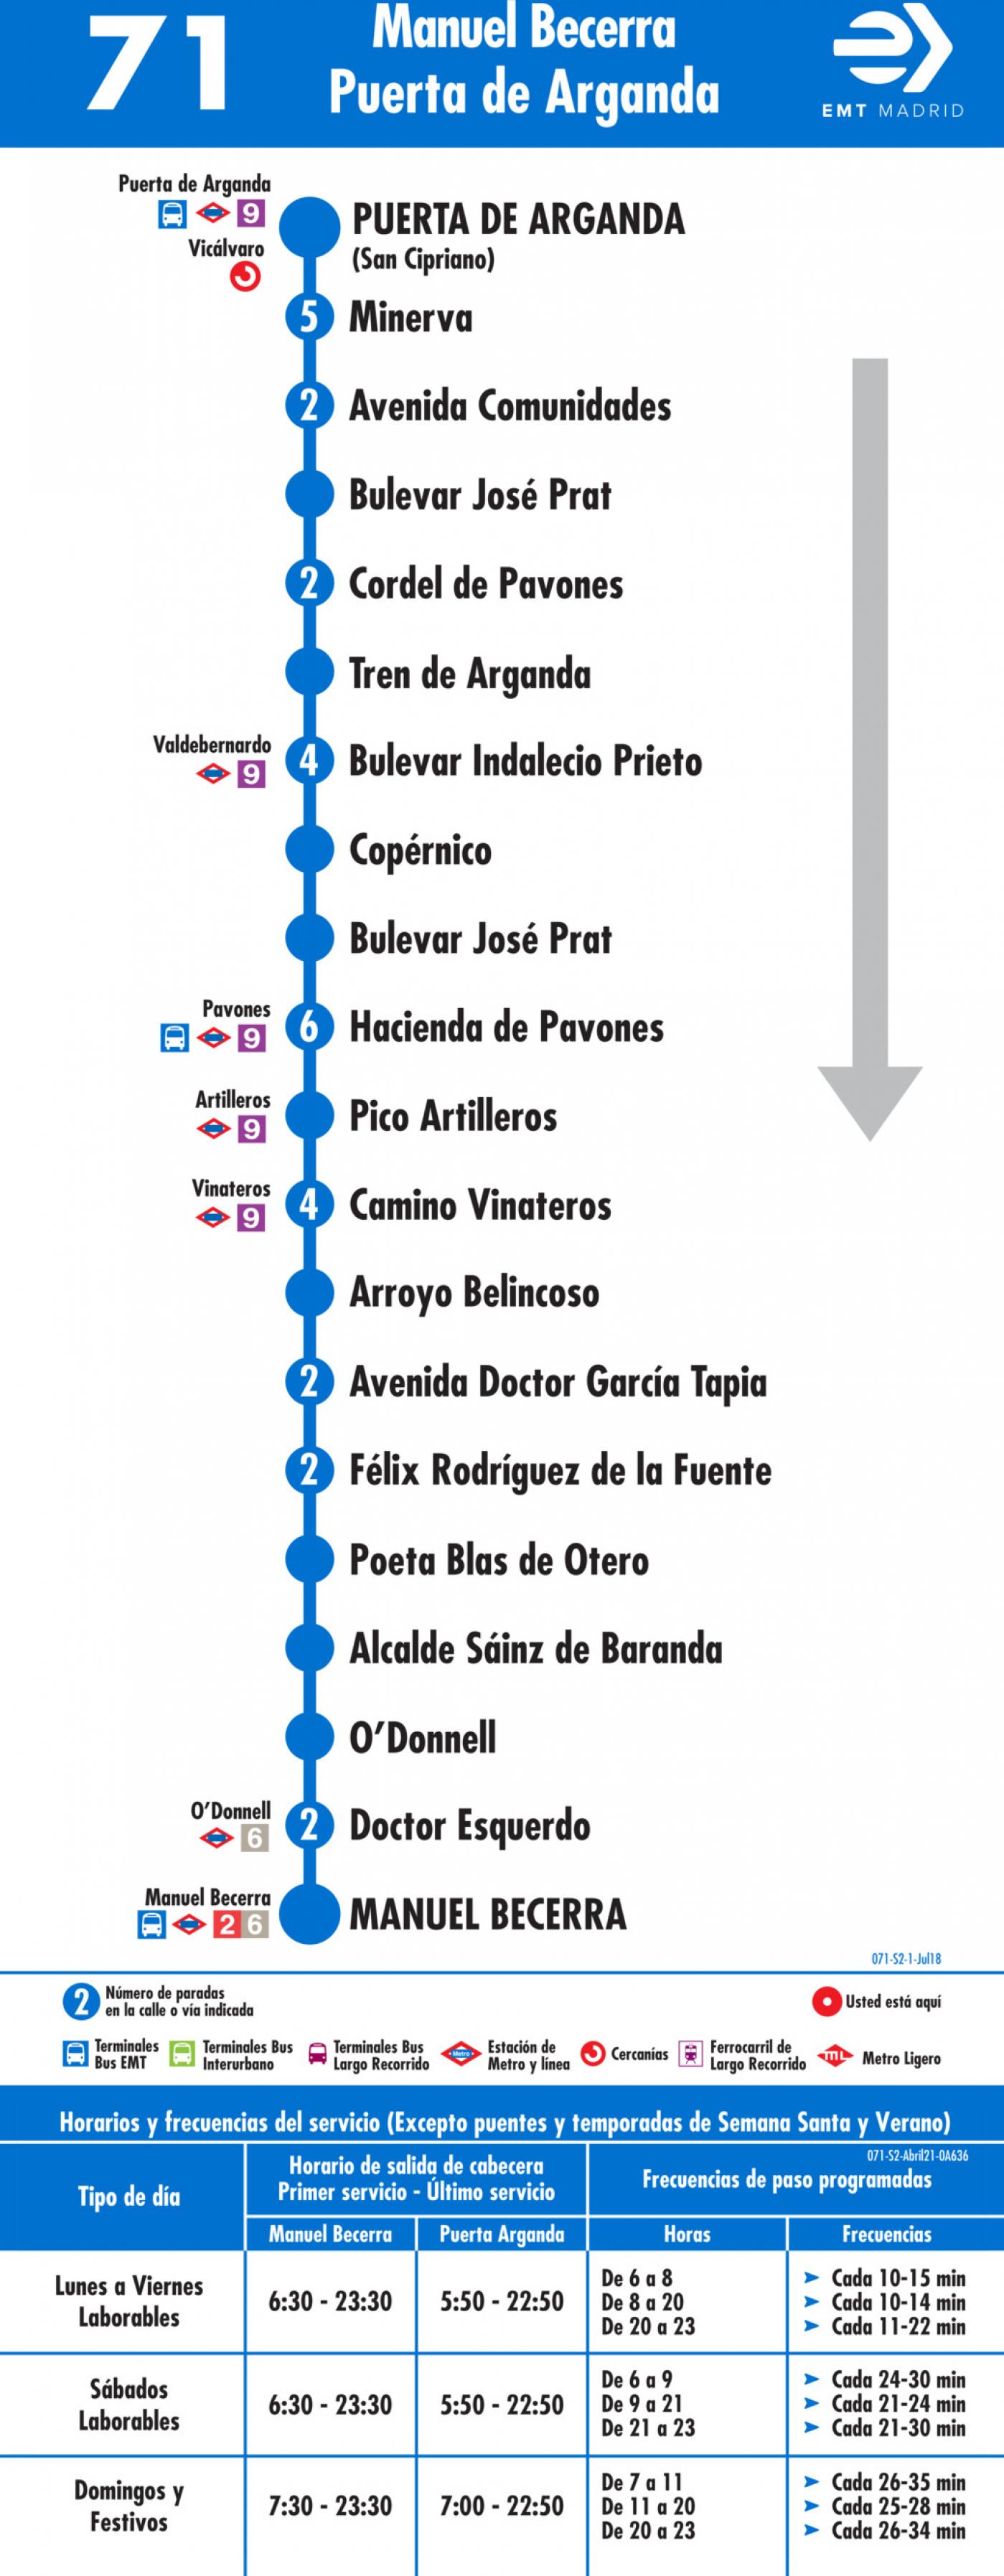 Tabla de horarios y frecuencias de paso en sentido vuelta Línea 71: Plaza Manuel Becerra - Puerta de Arganda